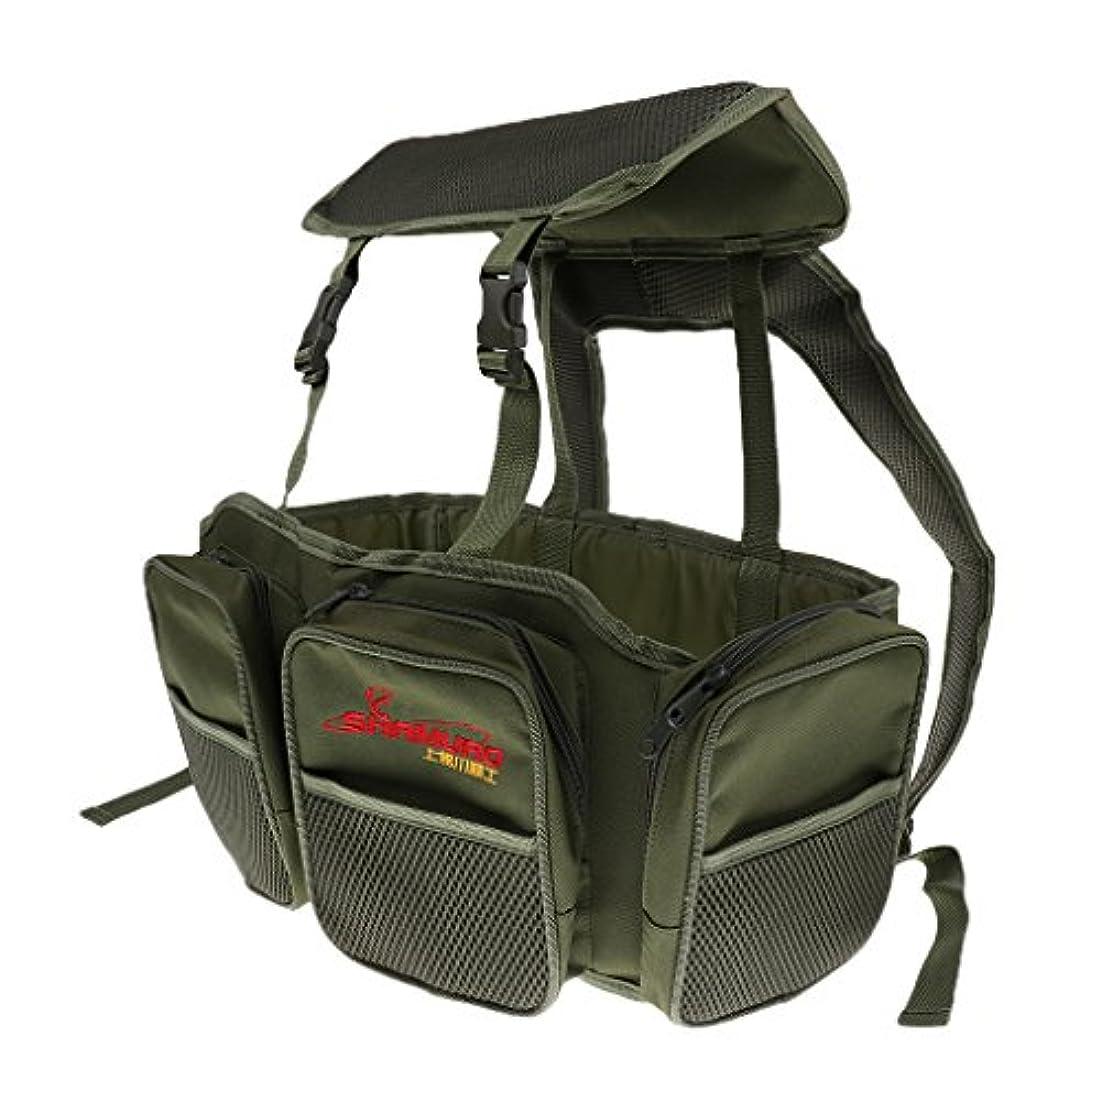 フォーク骨の折れる神経DYNWAVE タックルバッグ シートボックス リュックサック 大容量 調節可能 アーミーグリーン